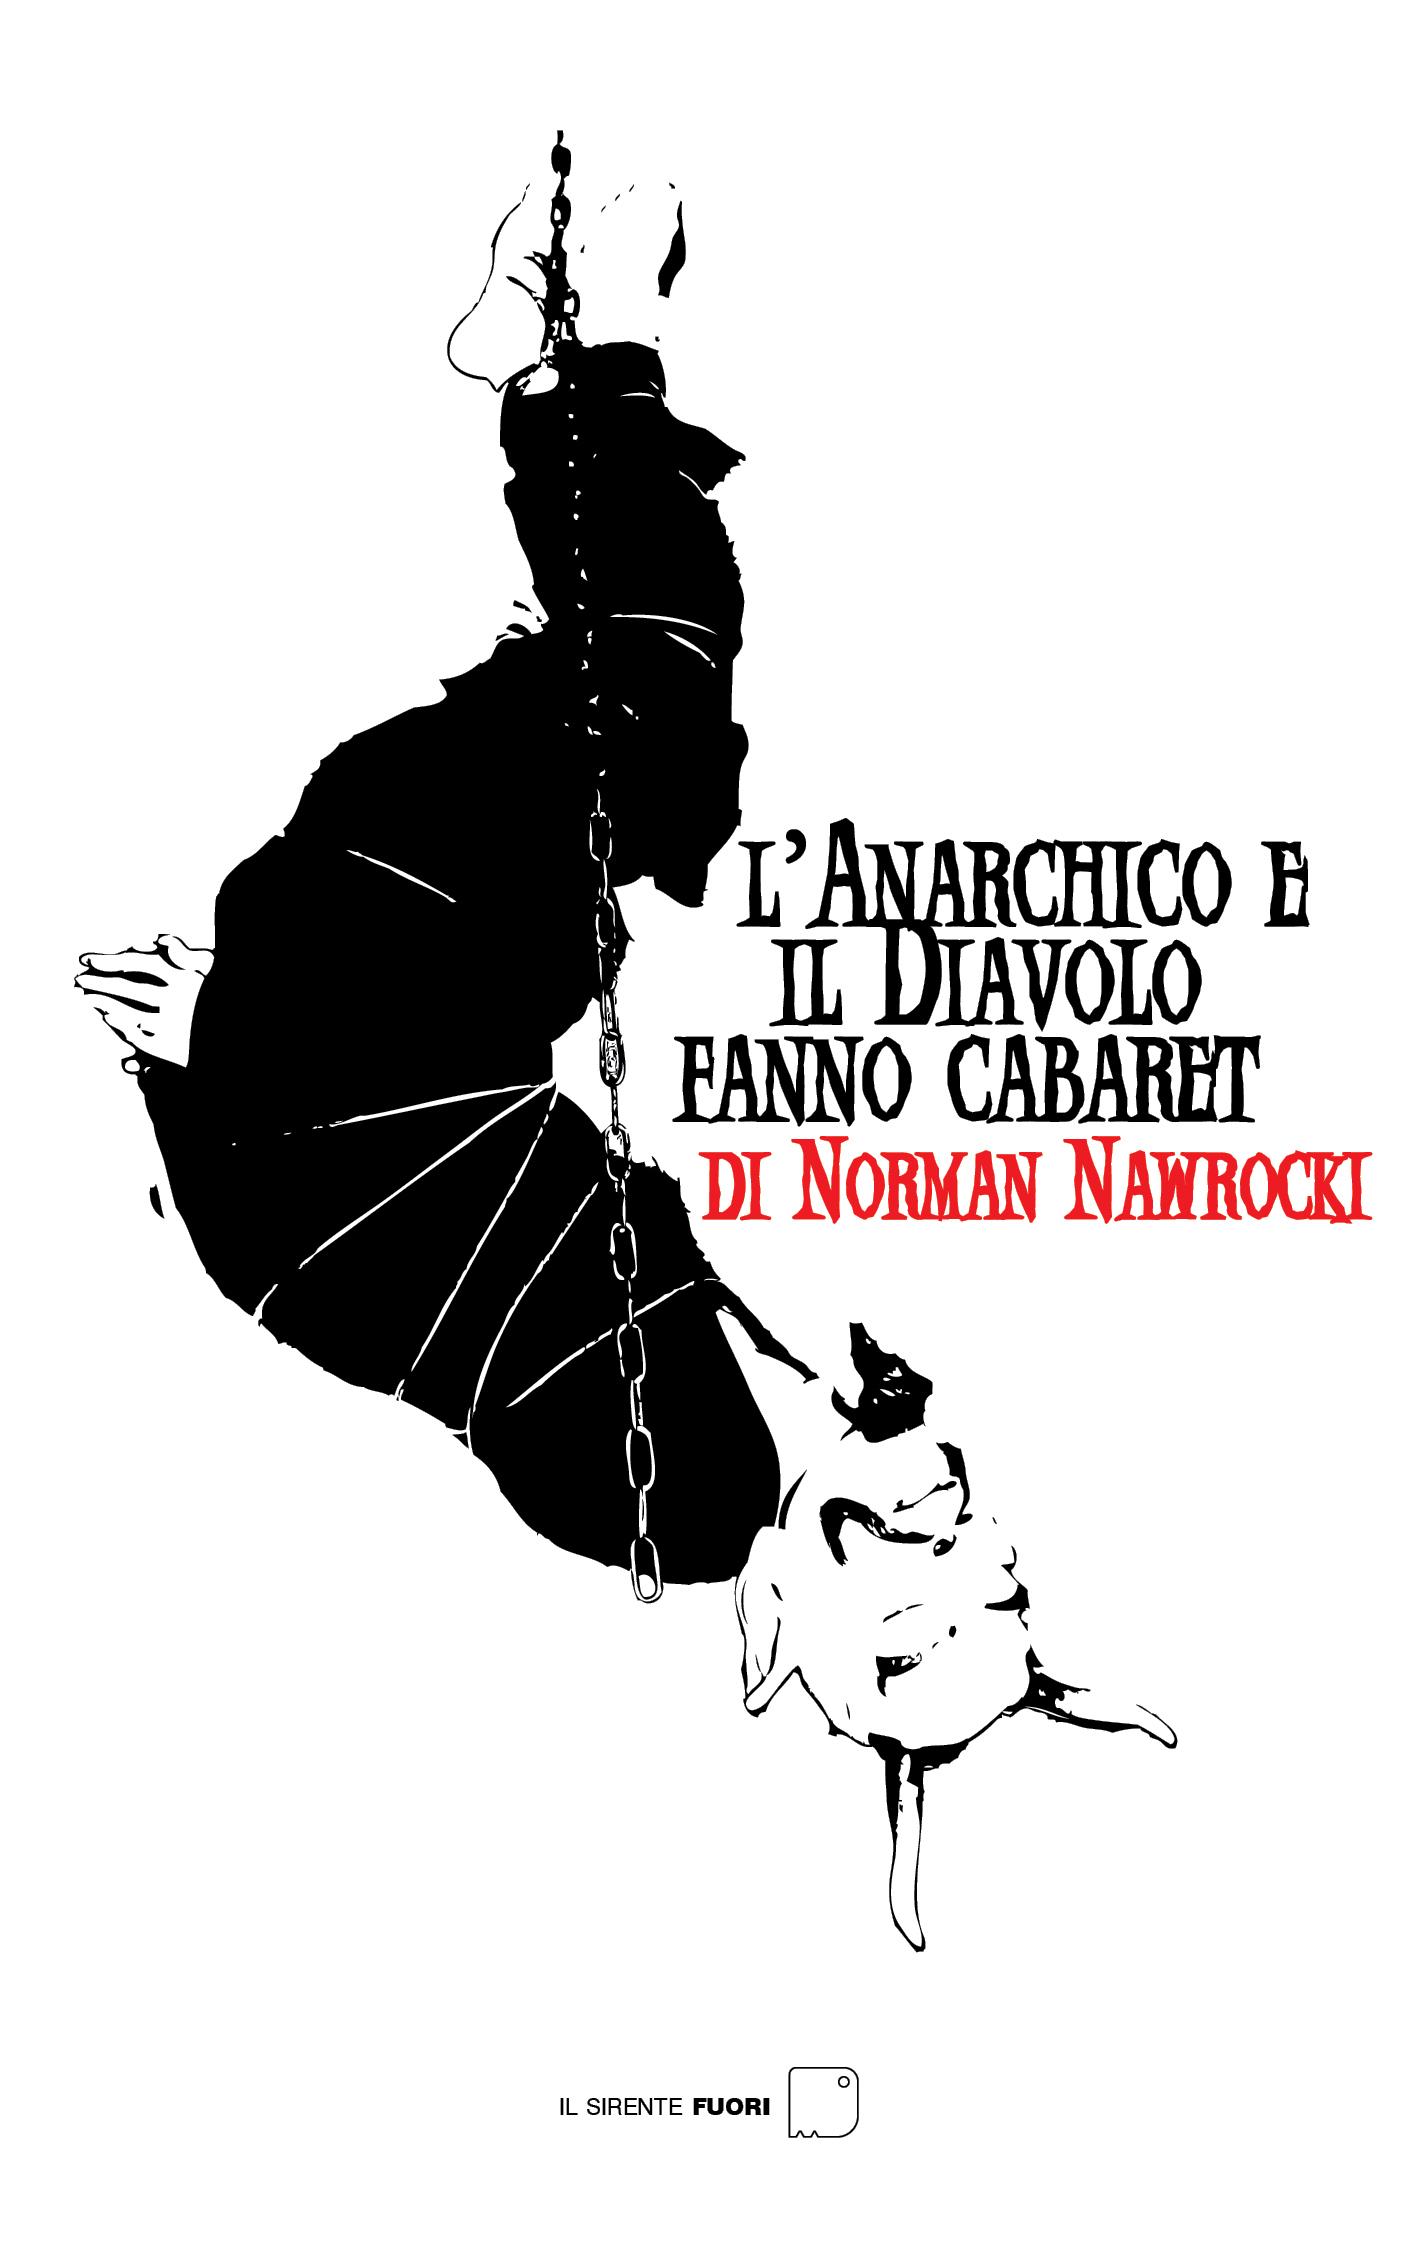 L'Anarchico e il Diavolo fanno cabaret (N. Nawrocki)